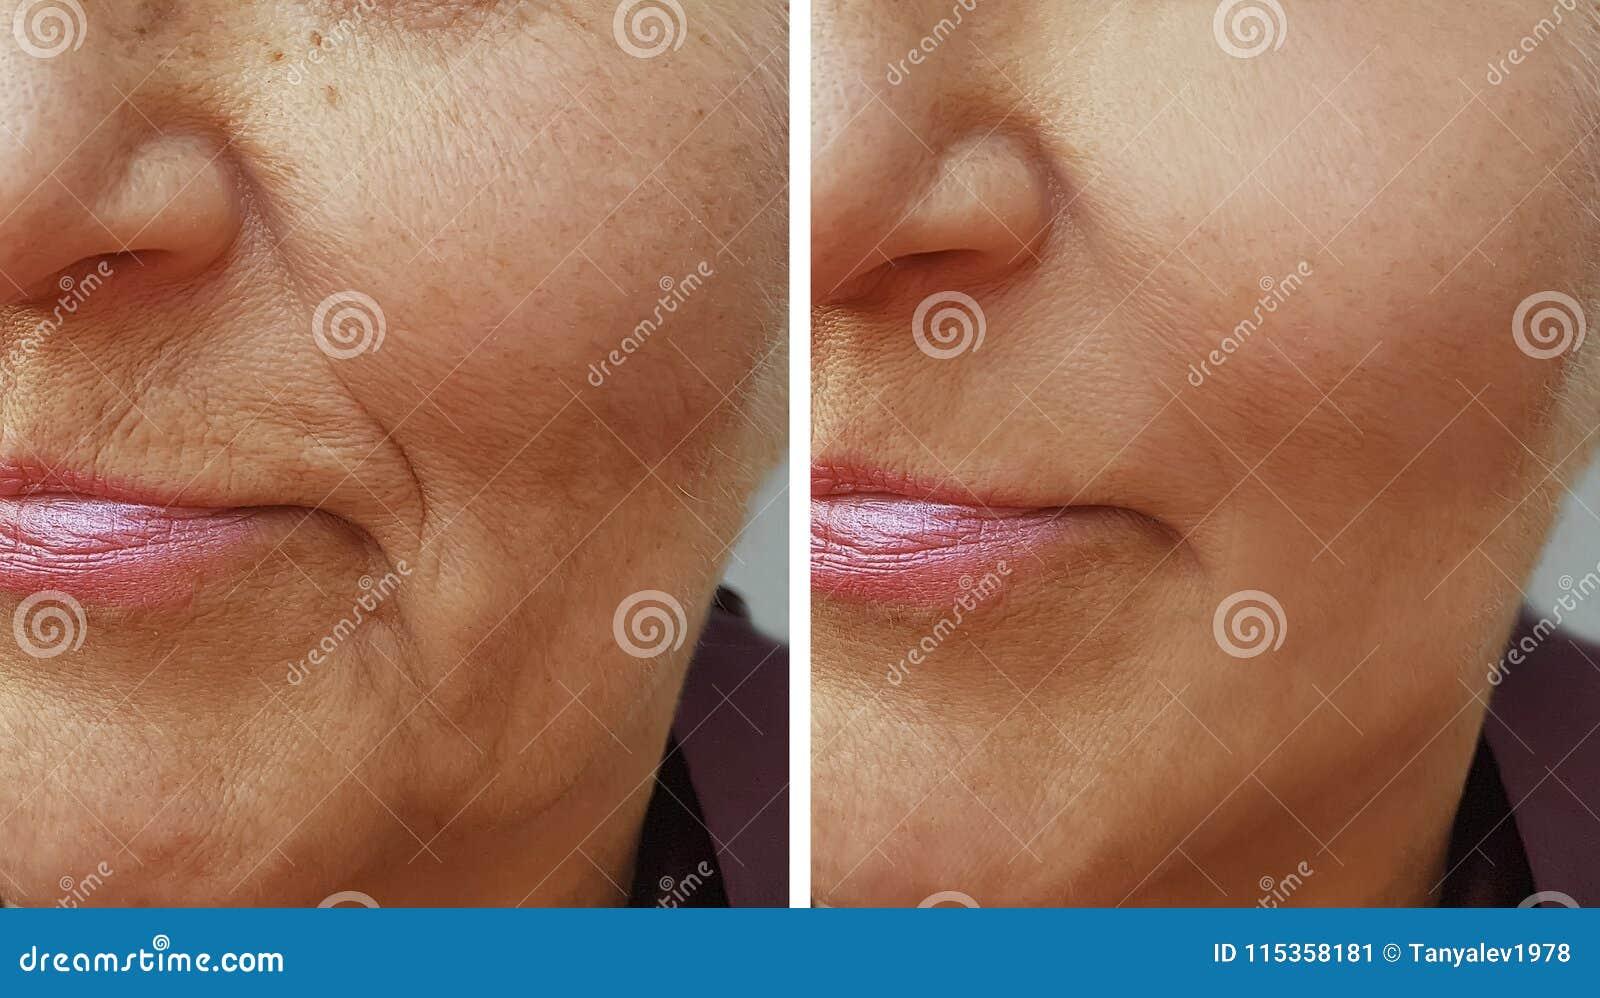 Πρόσωπο μιας ηλικιωμένης γυναίκας ρυτίδων πριν και μετά